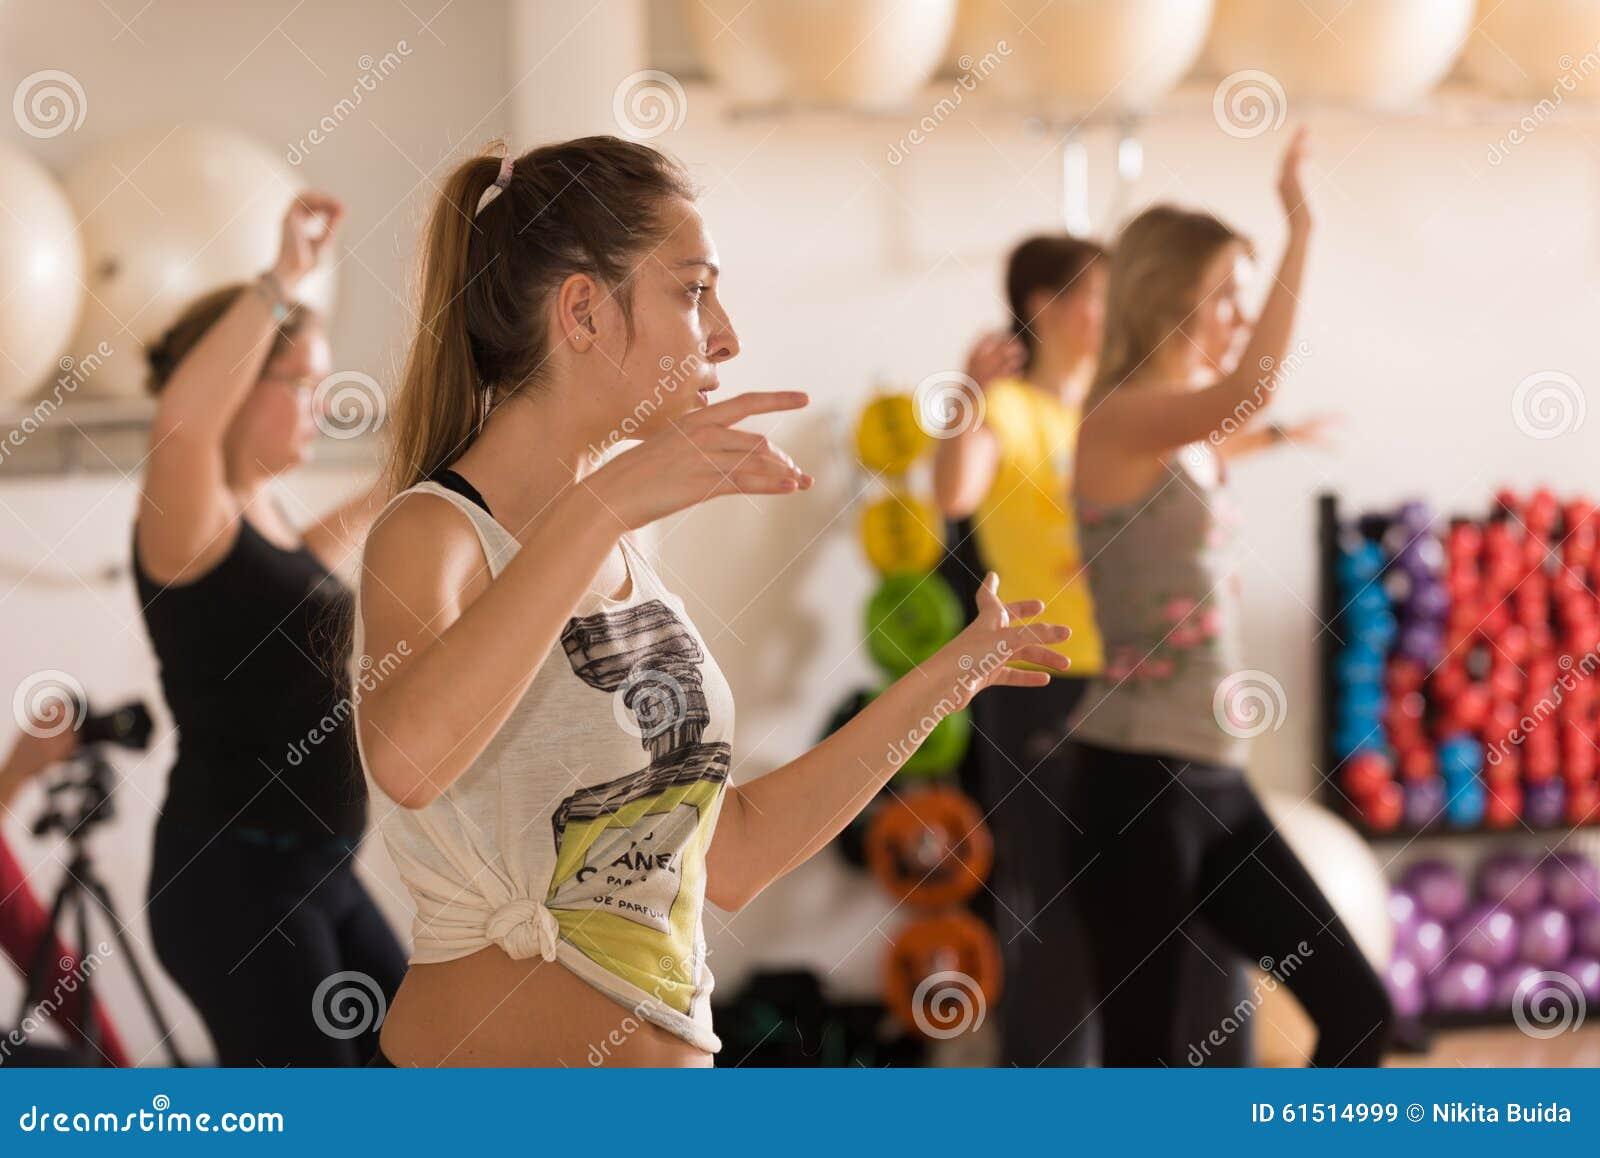 Classe de danse pour des femmes